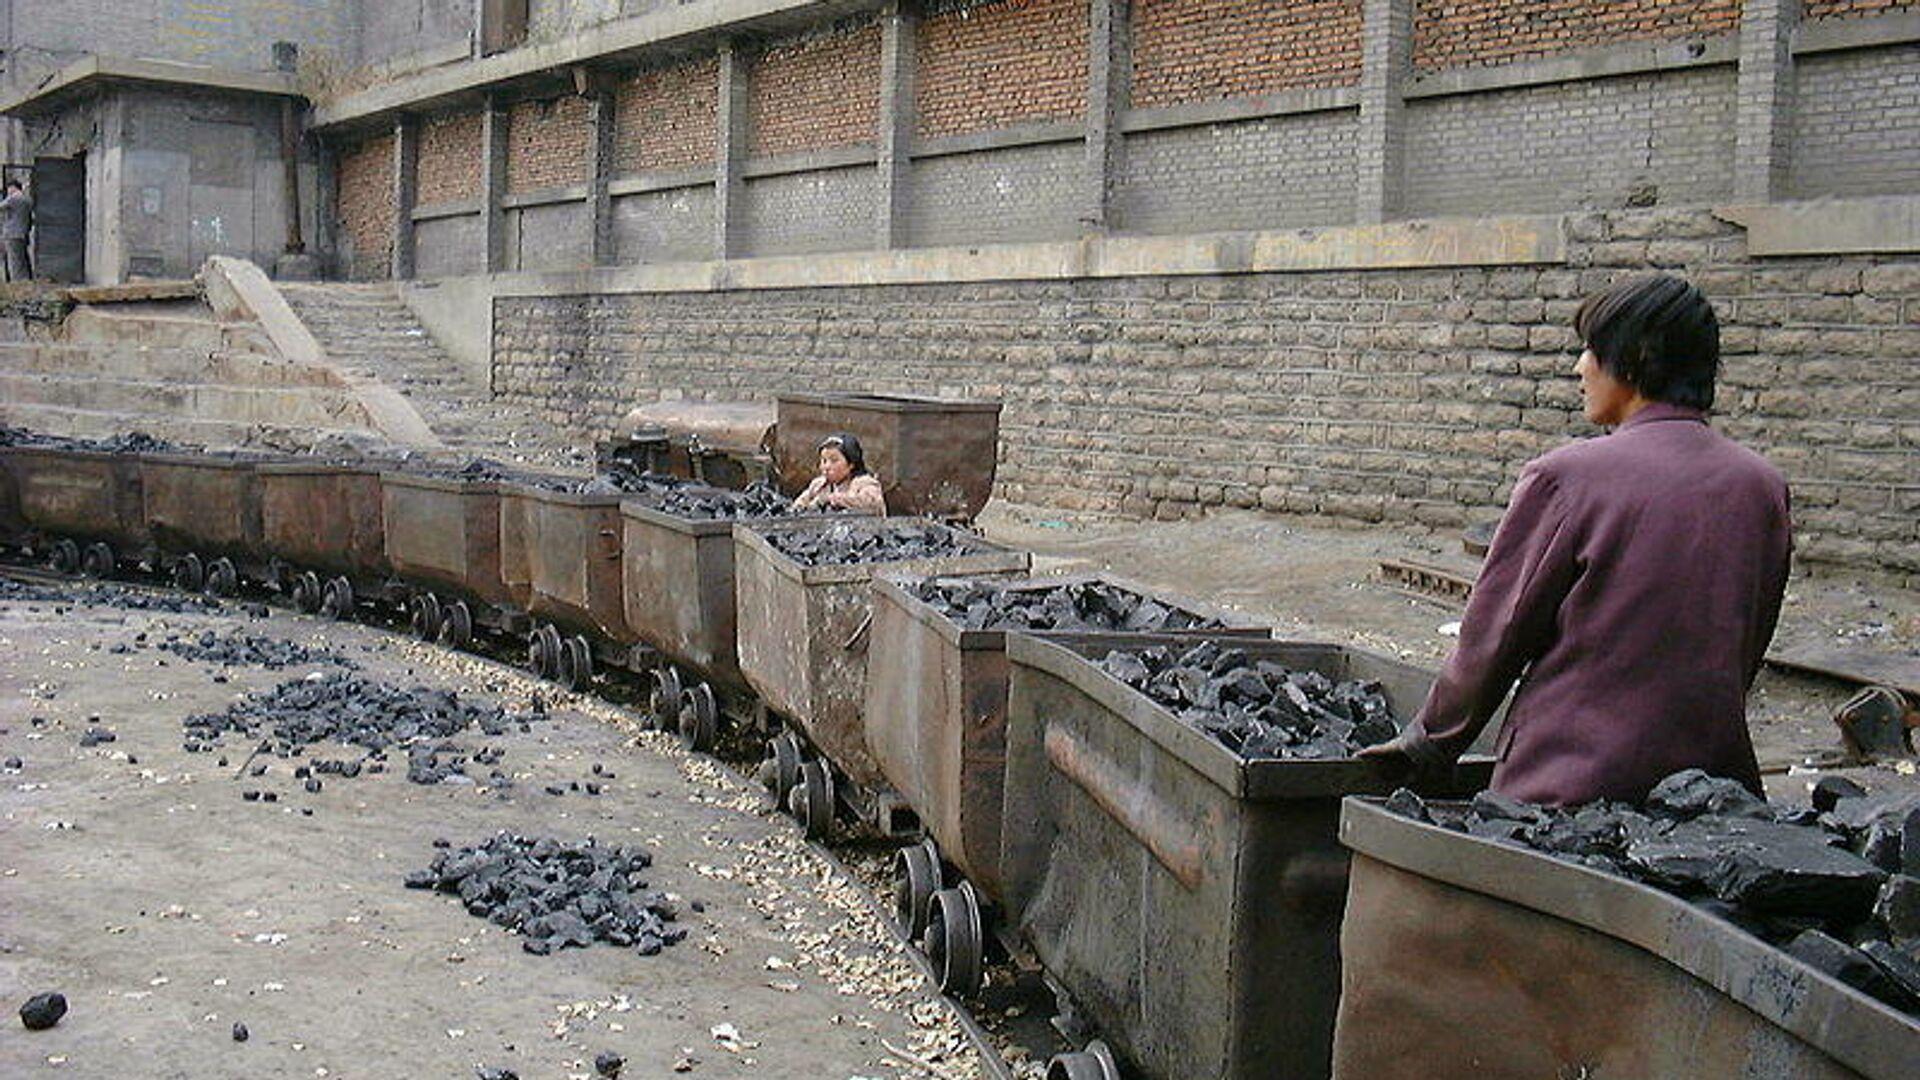 Выборка кусков угля из пустой породы на шахте в Китае - РИА Новости, 1920, 24.01.2021